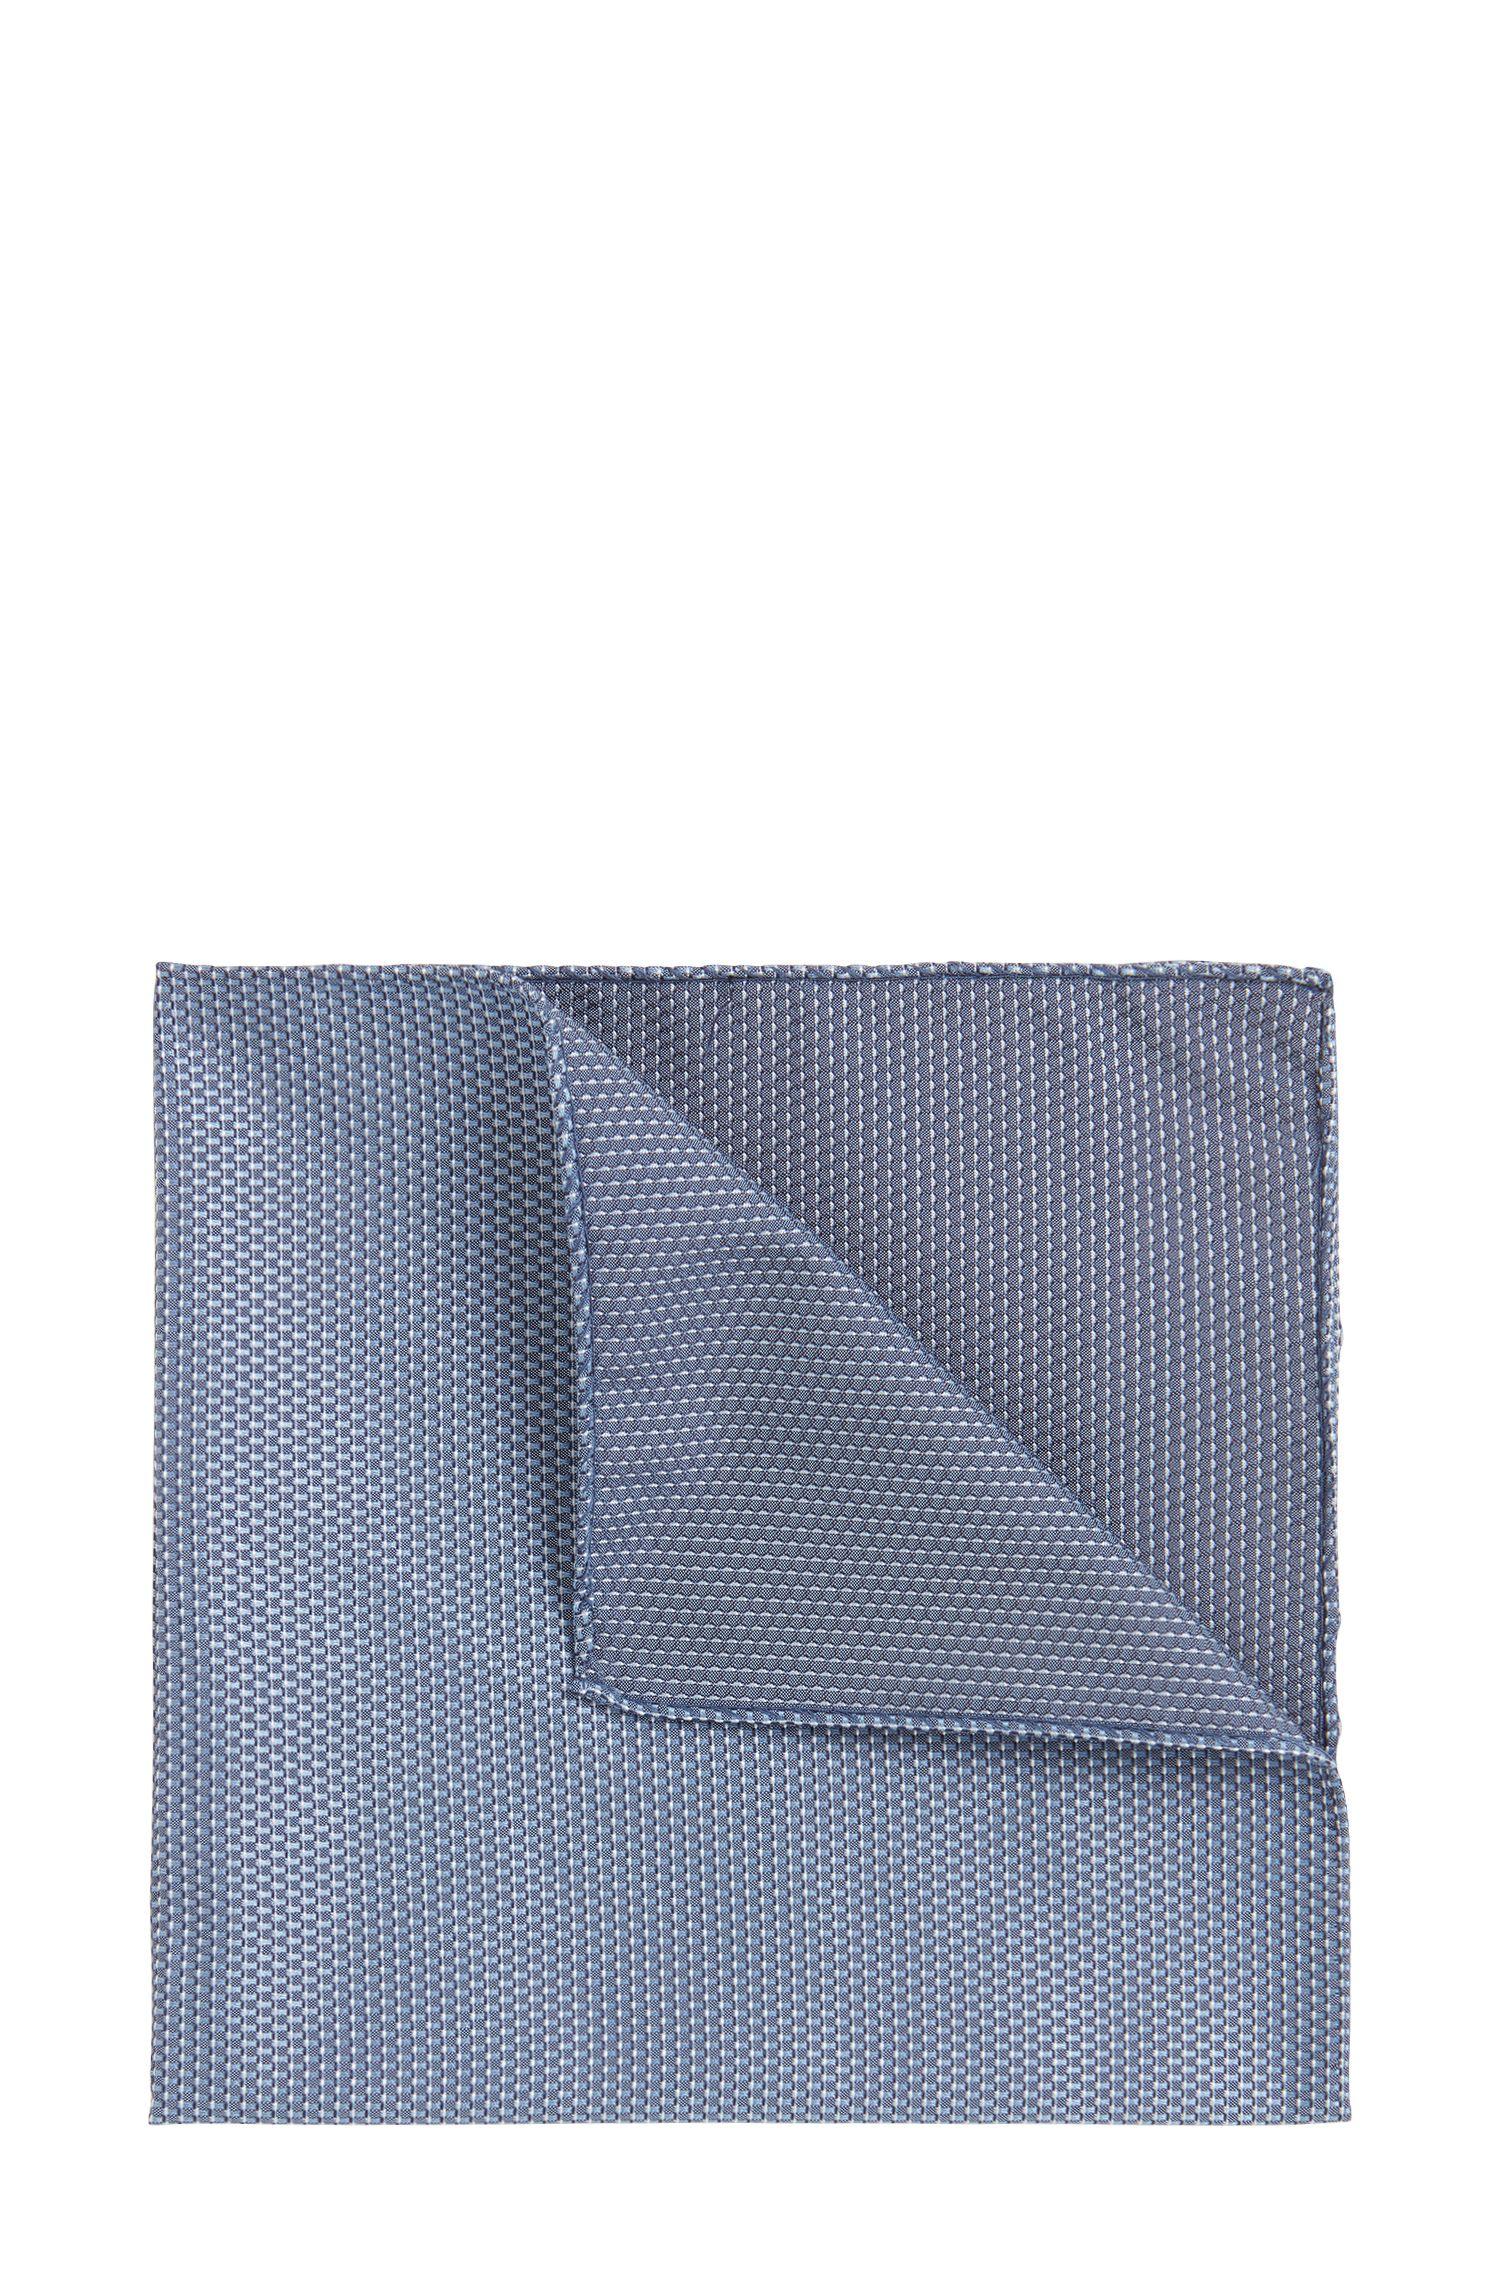 Tweezijdig te dragen pochet in een jacquard van zijde met microdessin